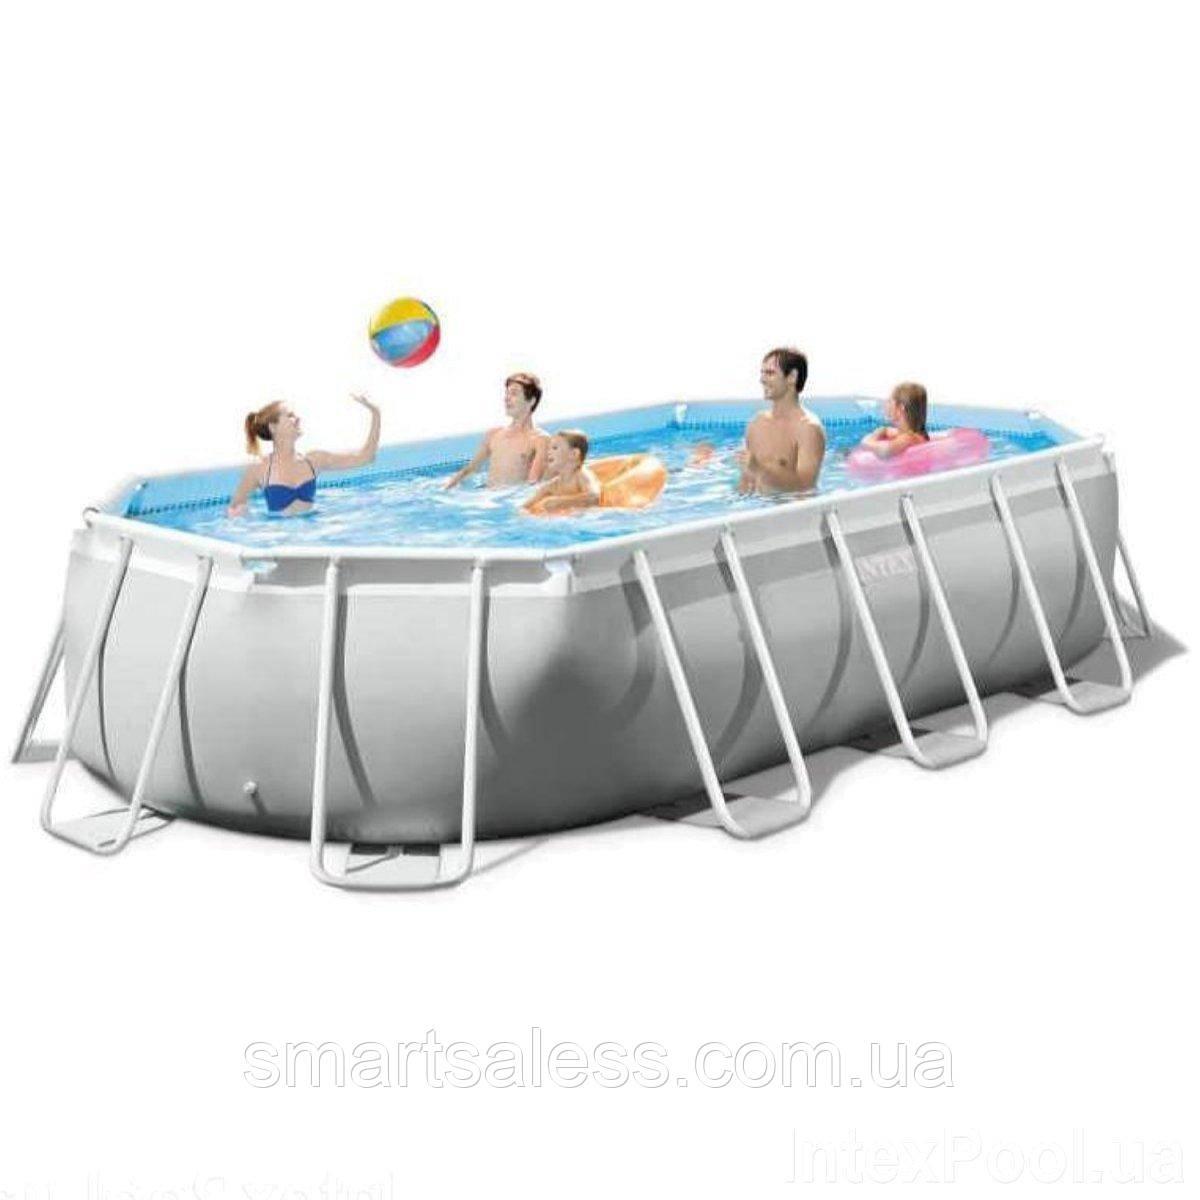 Каркасный бассейн Intex 503 x 274 x 122 см, чаша+каркас, прямоугольный, сборный